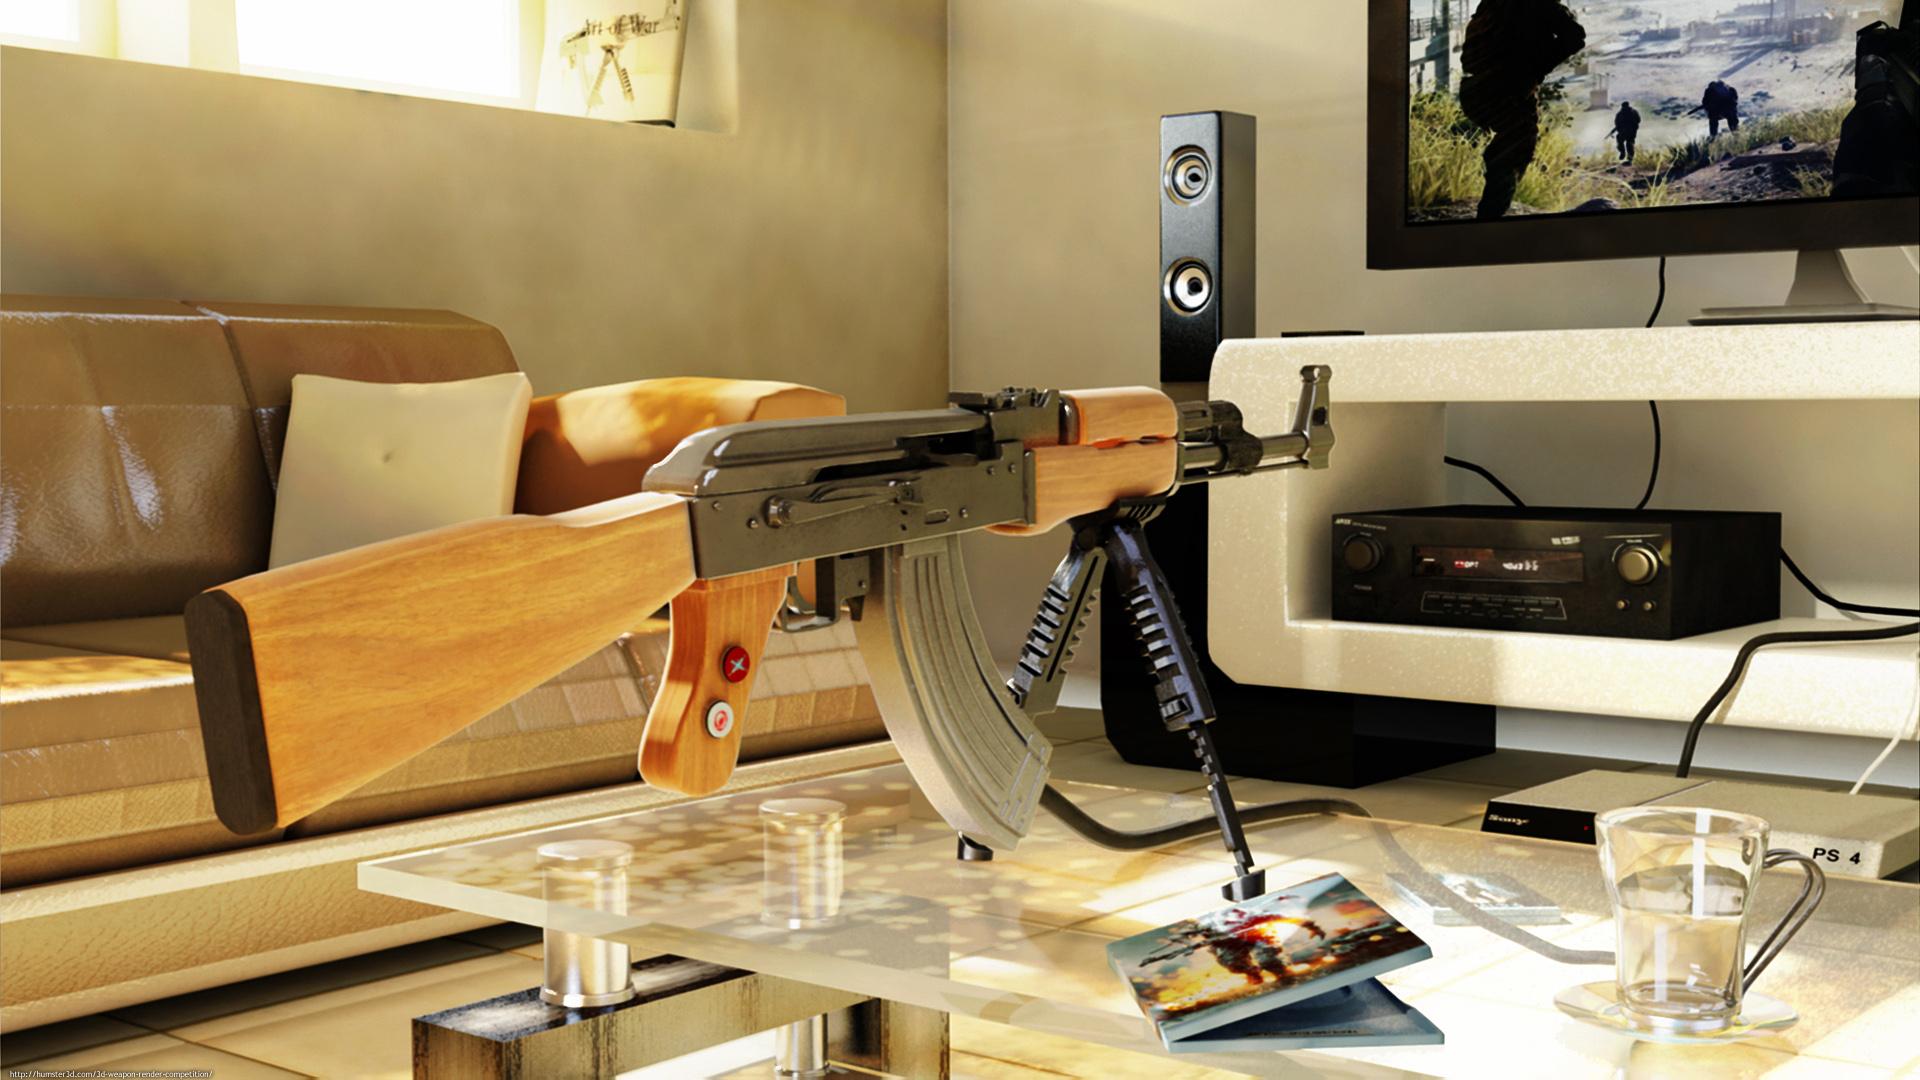 The Playstation Gun 3d art